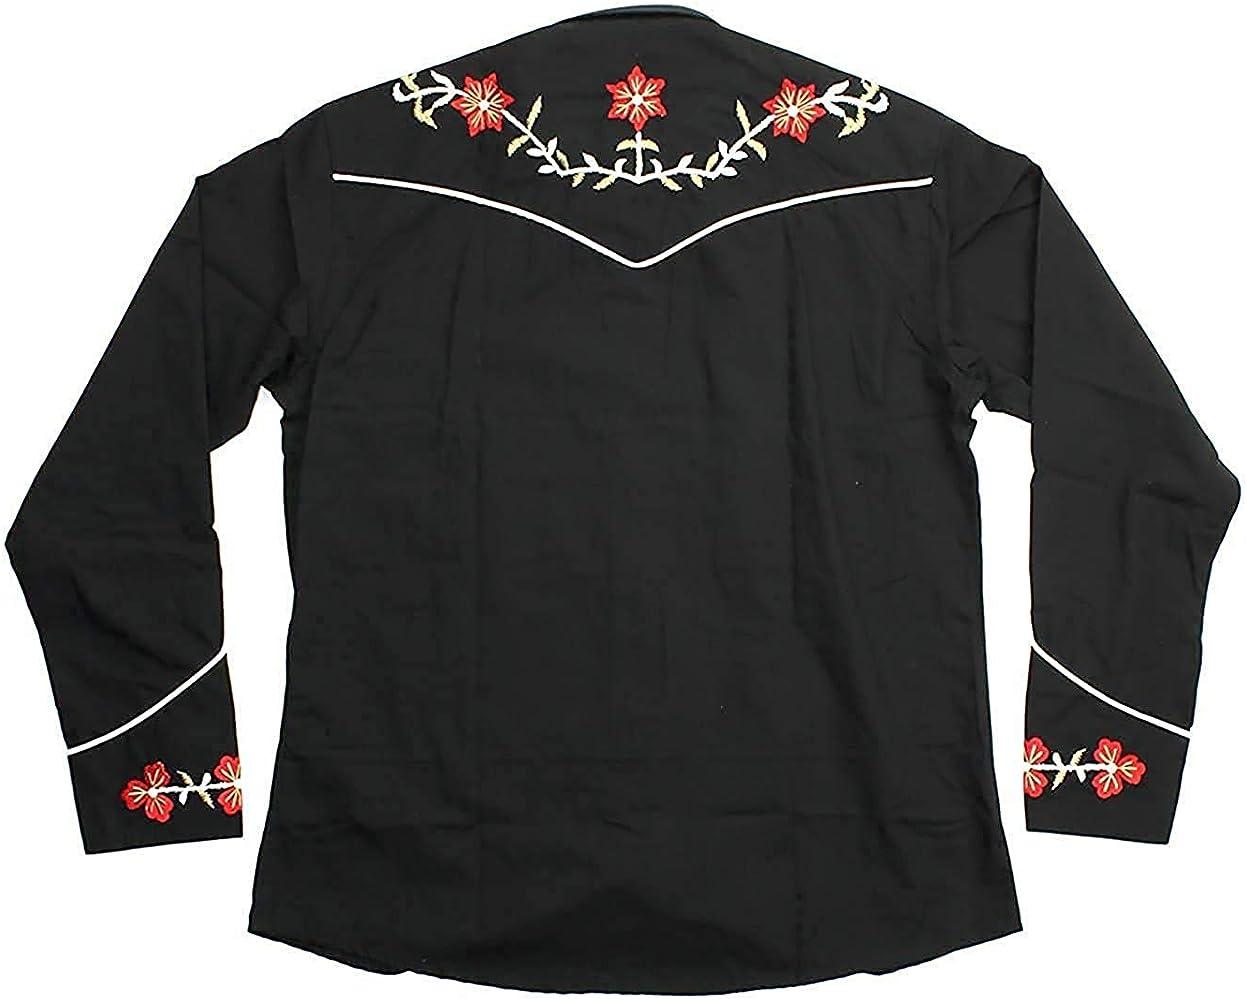 Relco Negro Vaquero Estilo del Oeste Tres Colores Bordado Polialgodón Camisa - Negro, S: Amazon.es: Ropa y accesorios